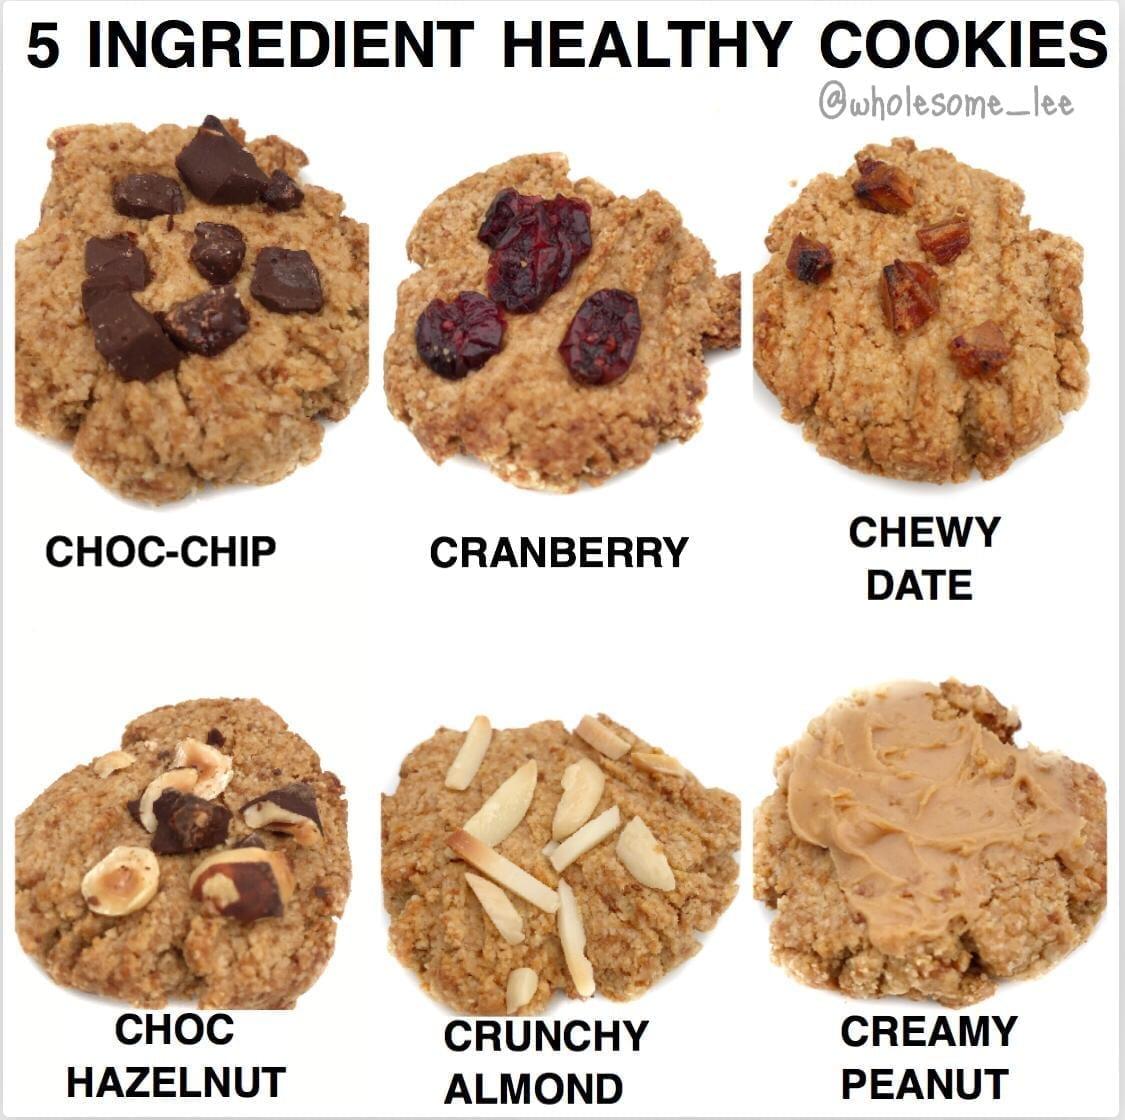 5 Ingredient Healthy Cookies